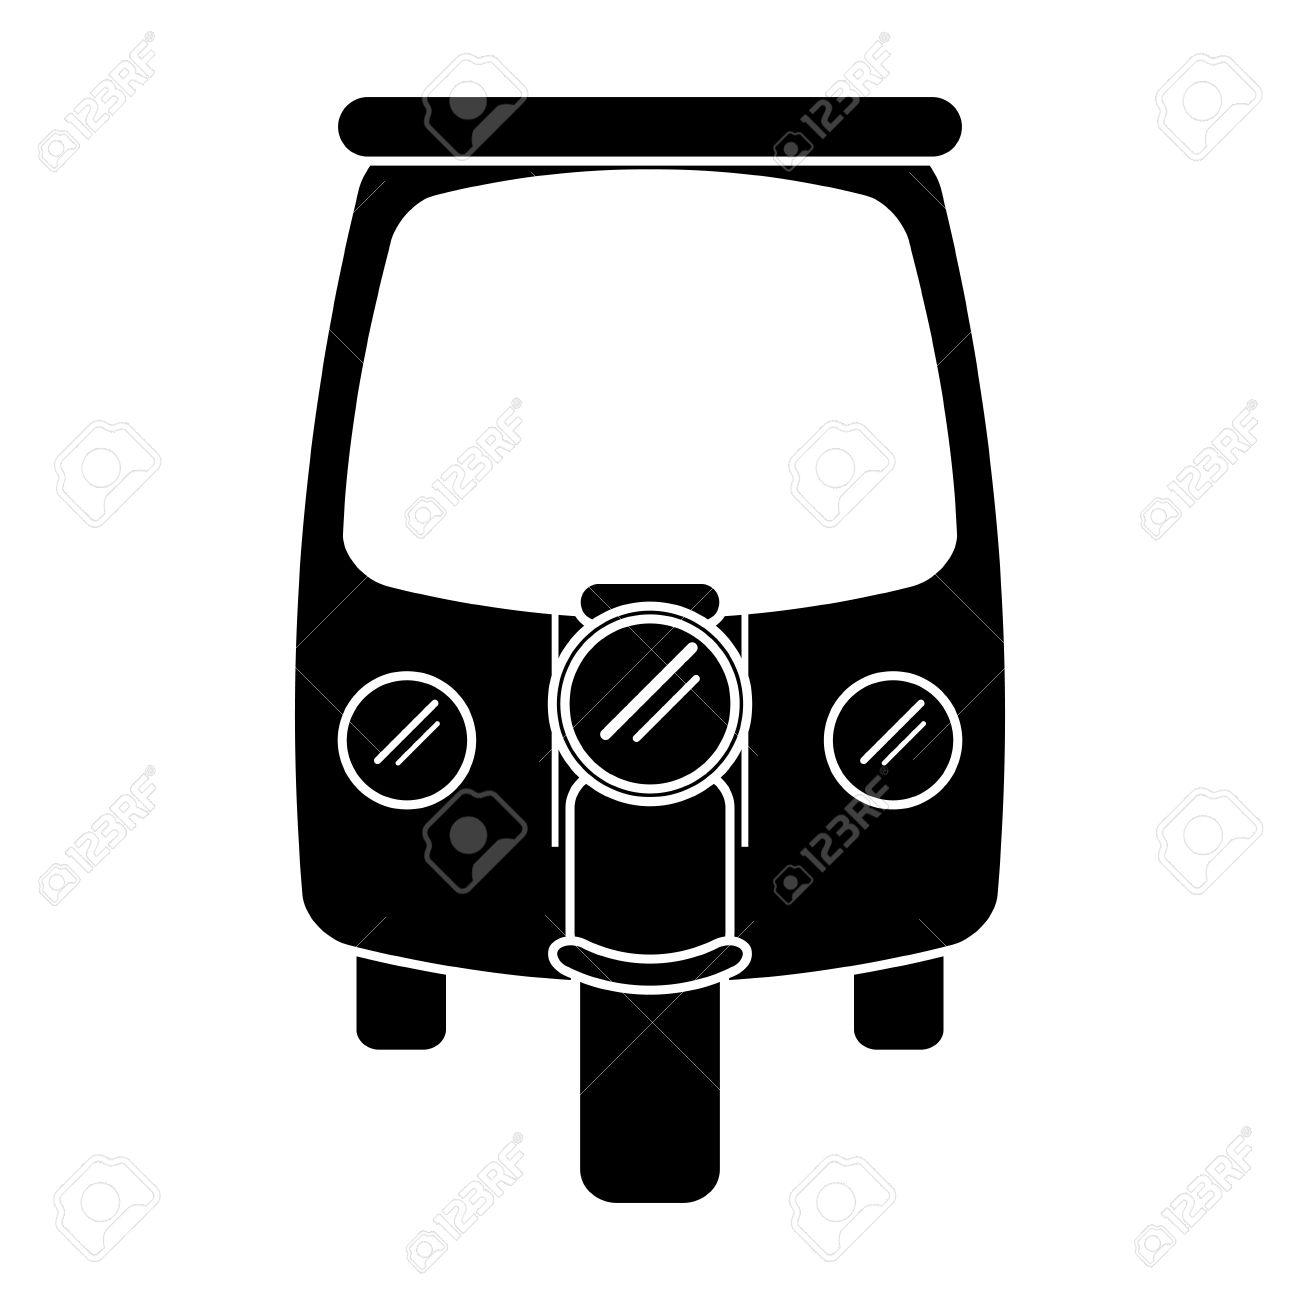 シルエット モーター人力車輸送三輪車ベクトル イラスト Eps 10の